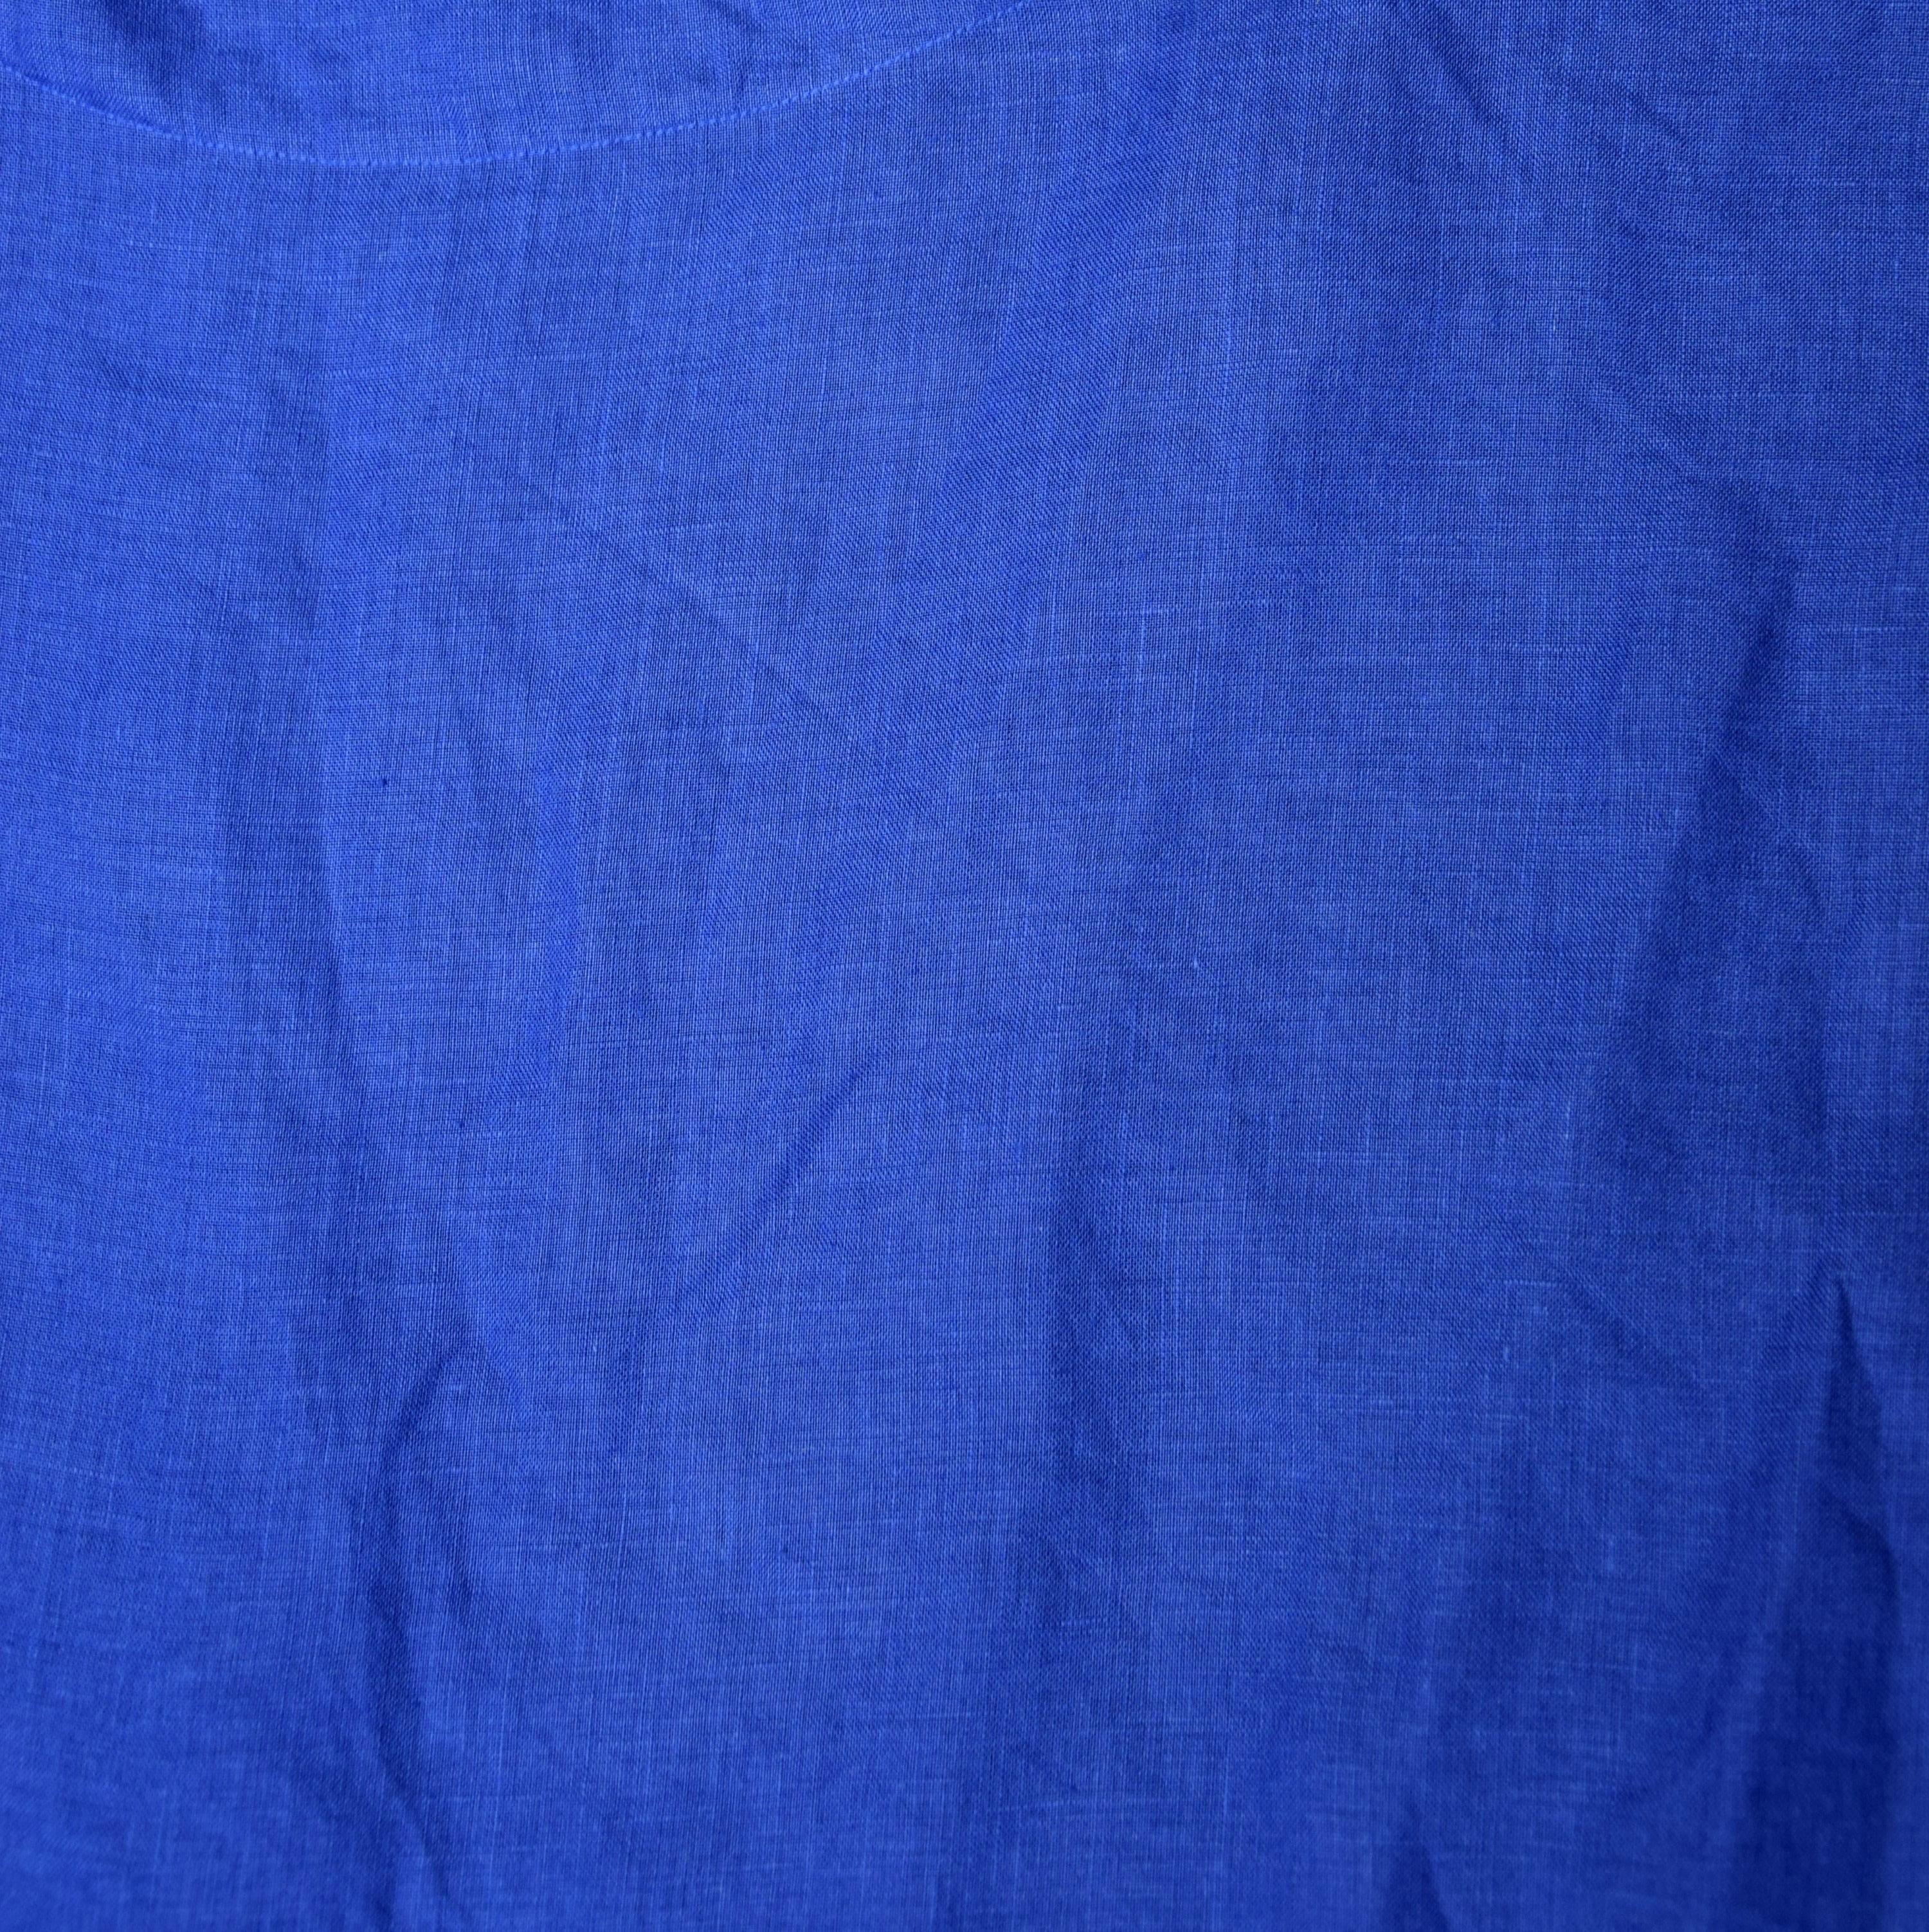 72-blue linen